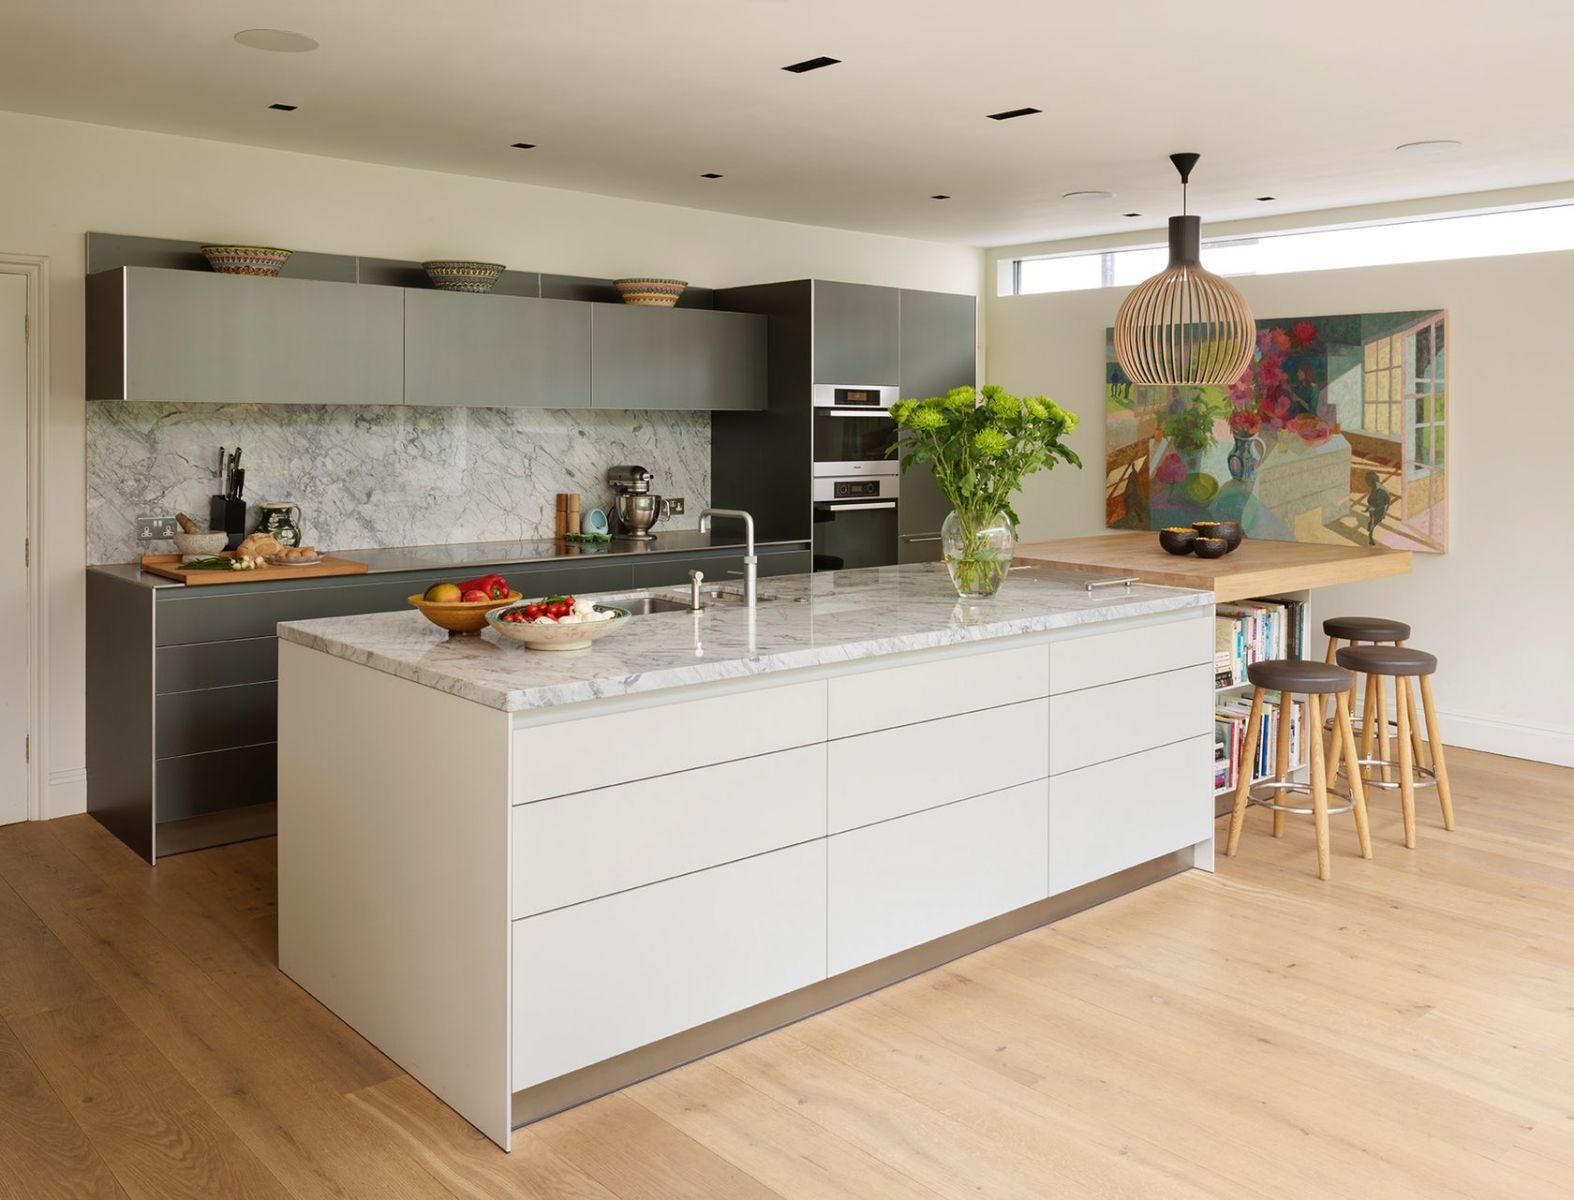 Thiết kế phòng bếp đương đại của bạn: Loại bỏ tay nắm cửa